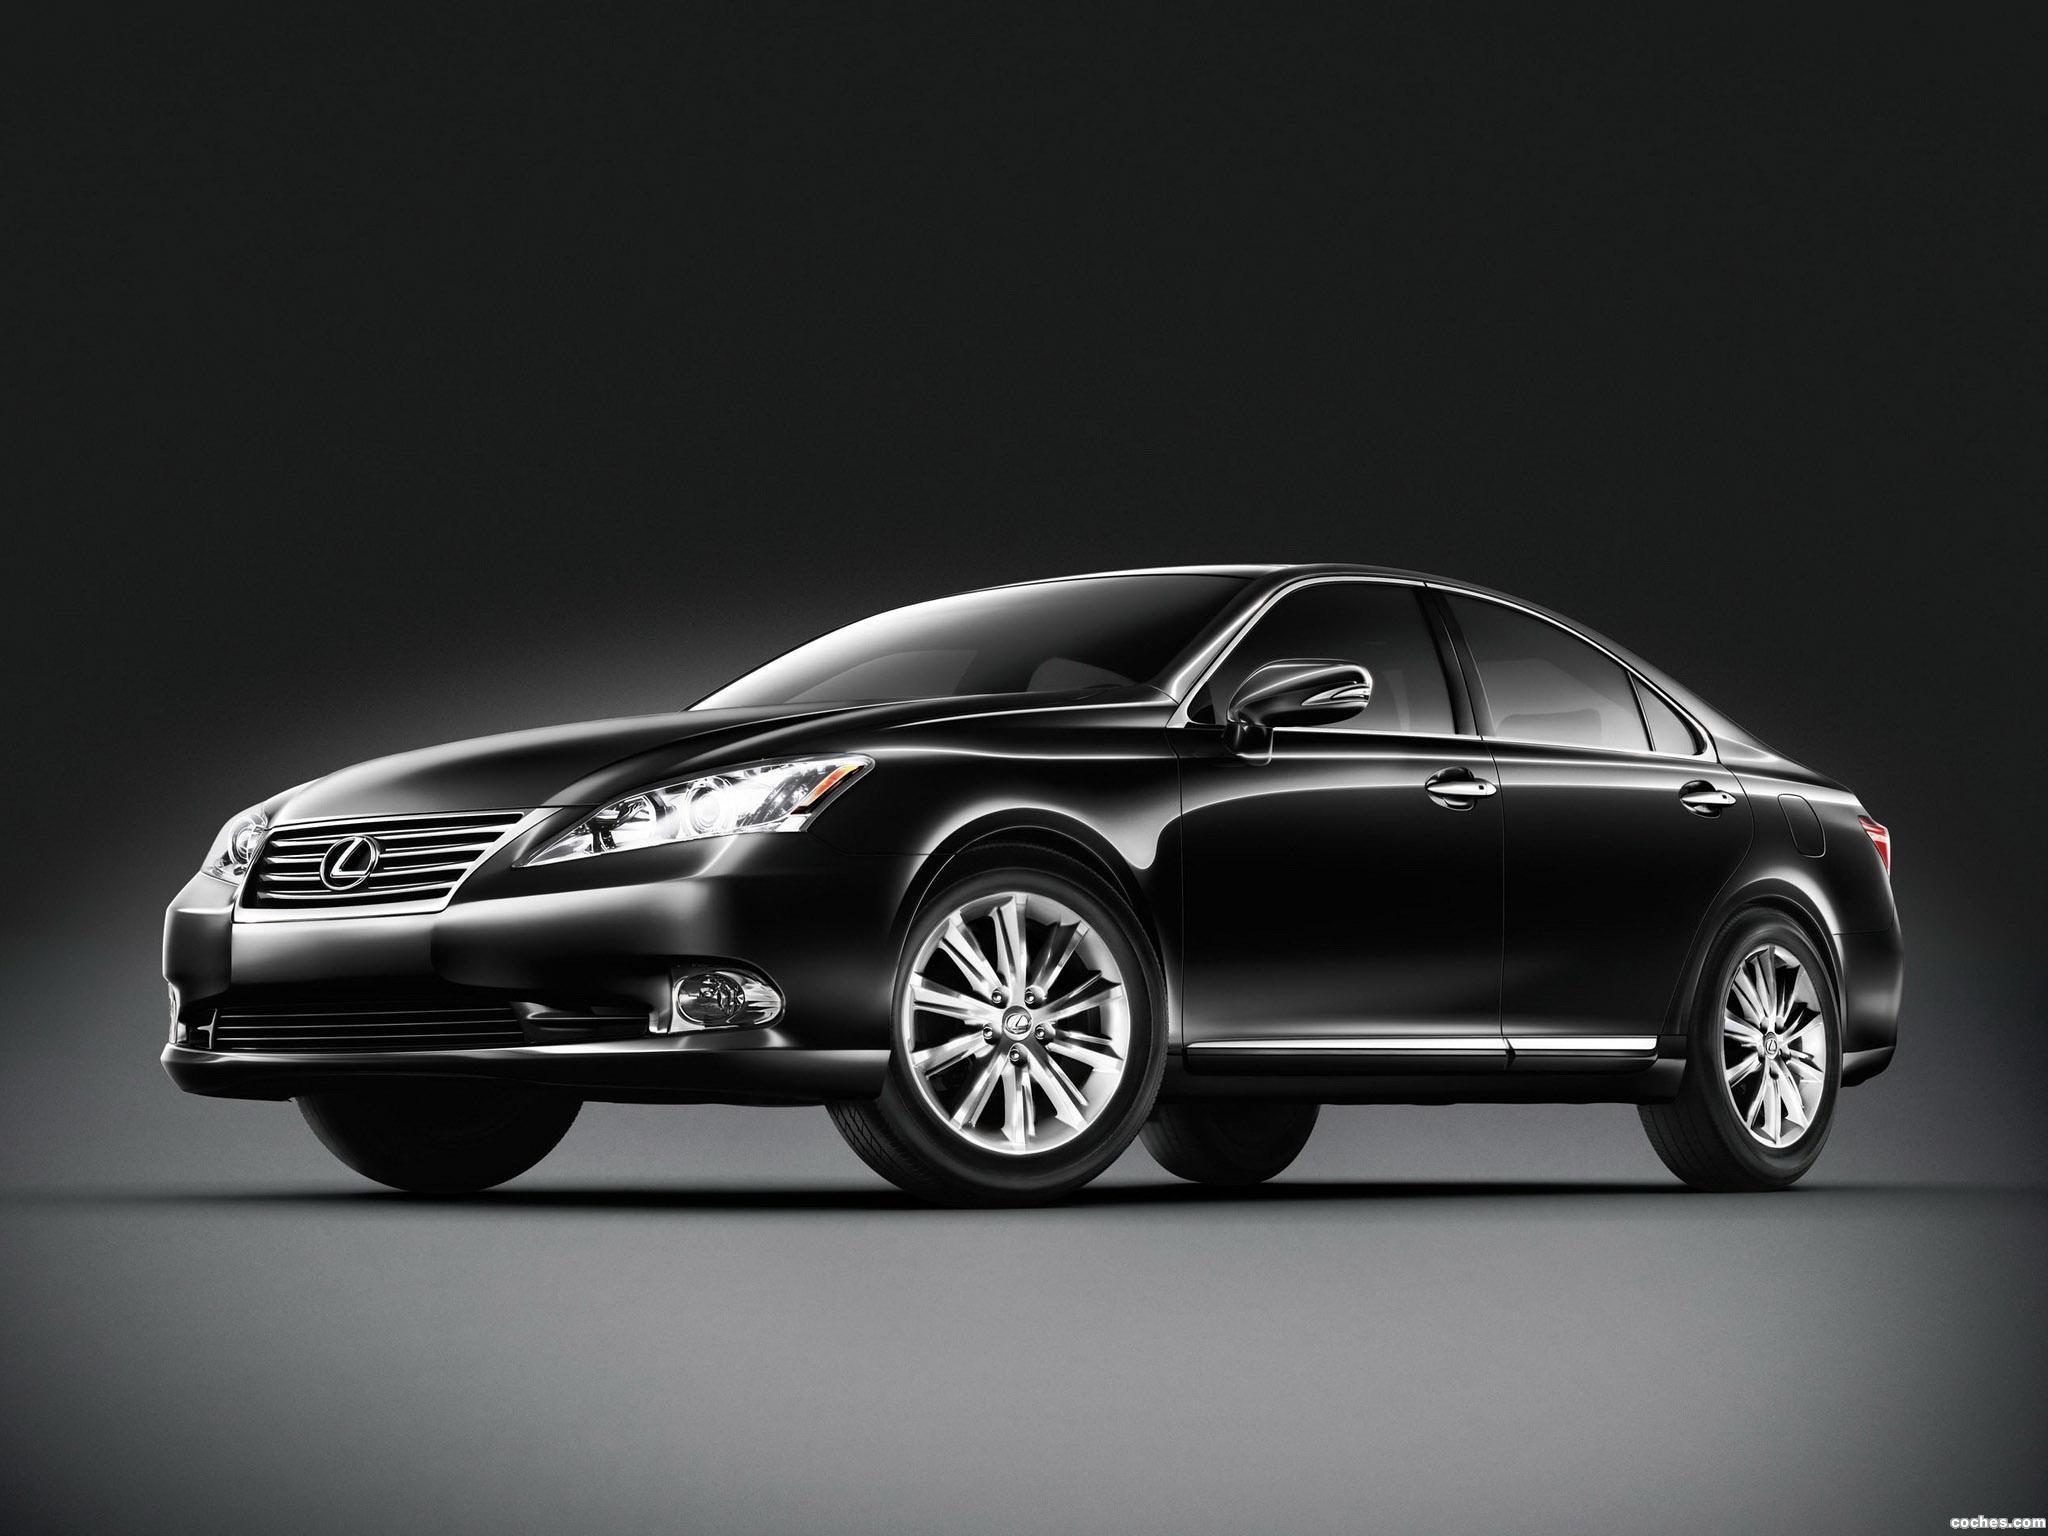 Foto 0 de Lexus ES 350 Touring Edition 2011